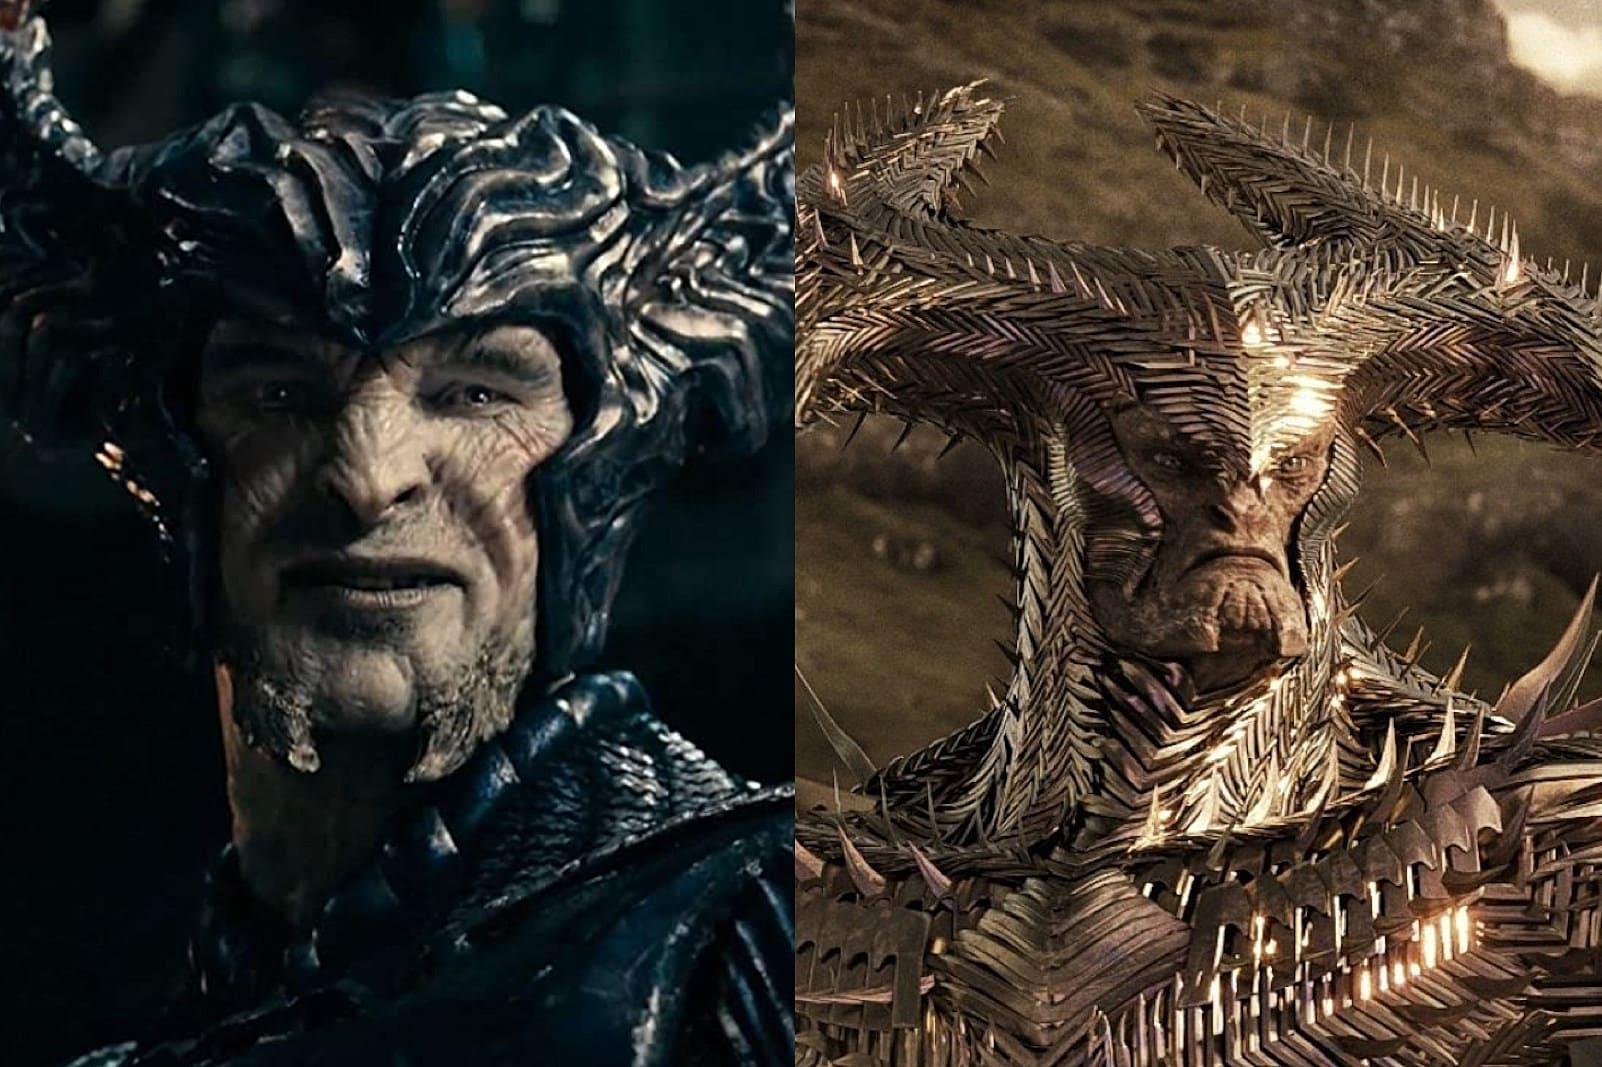 Steppenwolf comparison